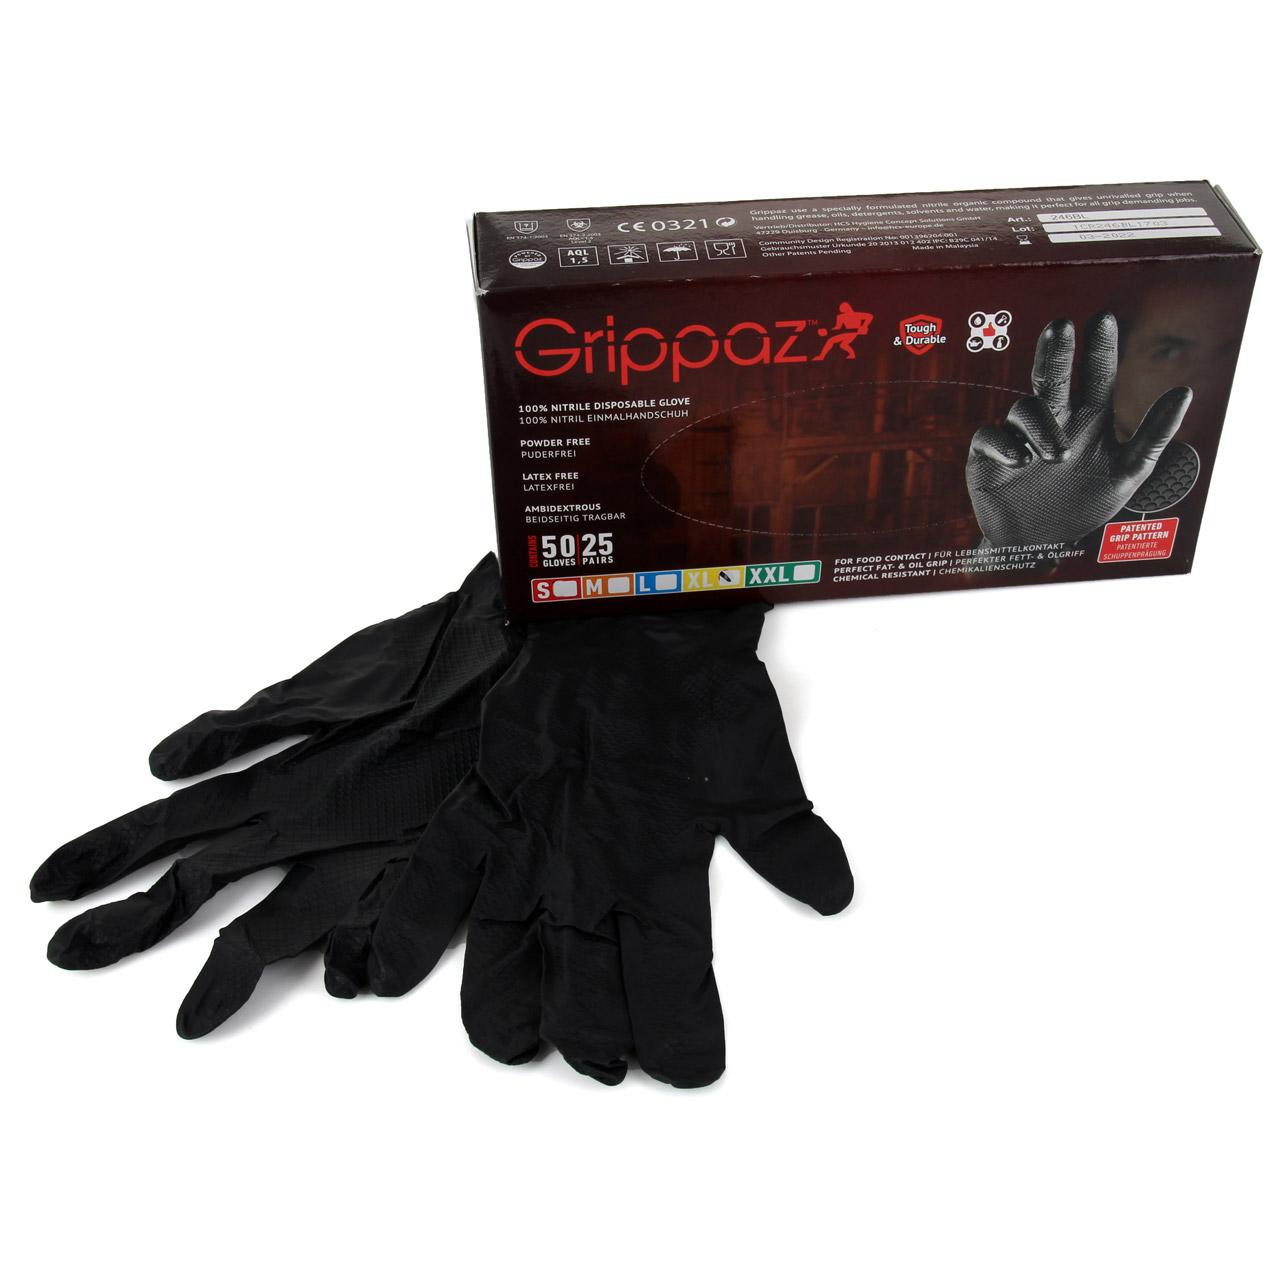 GRIPPAZ 246 Schutzhandschuhe NITRIL Handschuhe SCHWARZ Größe XL (50 Stück)